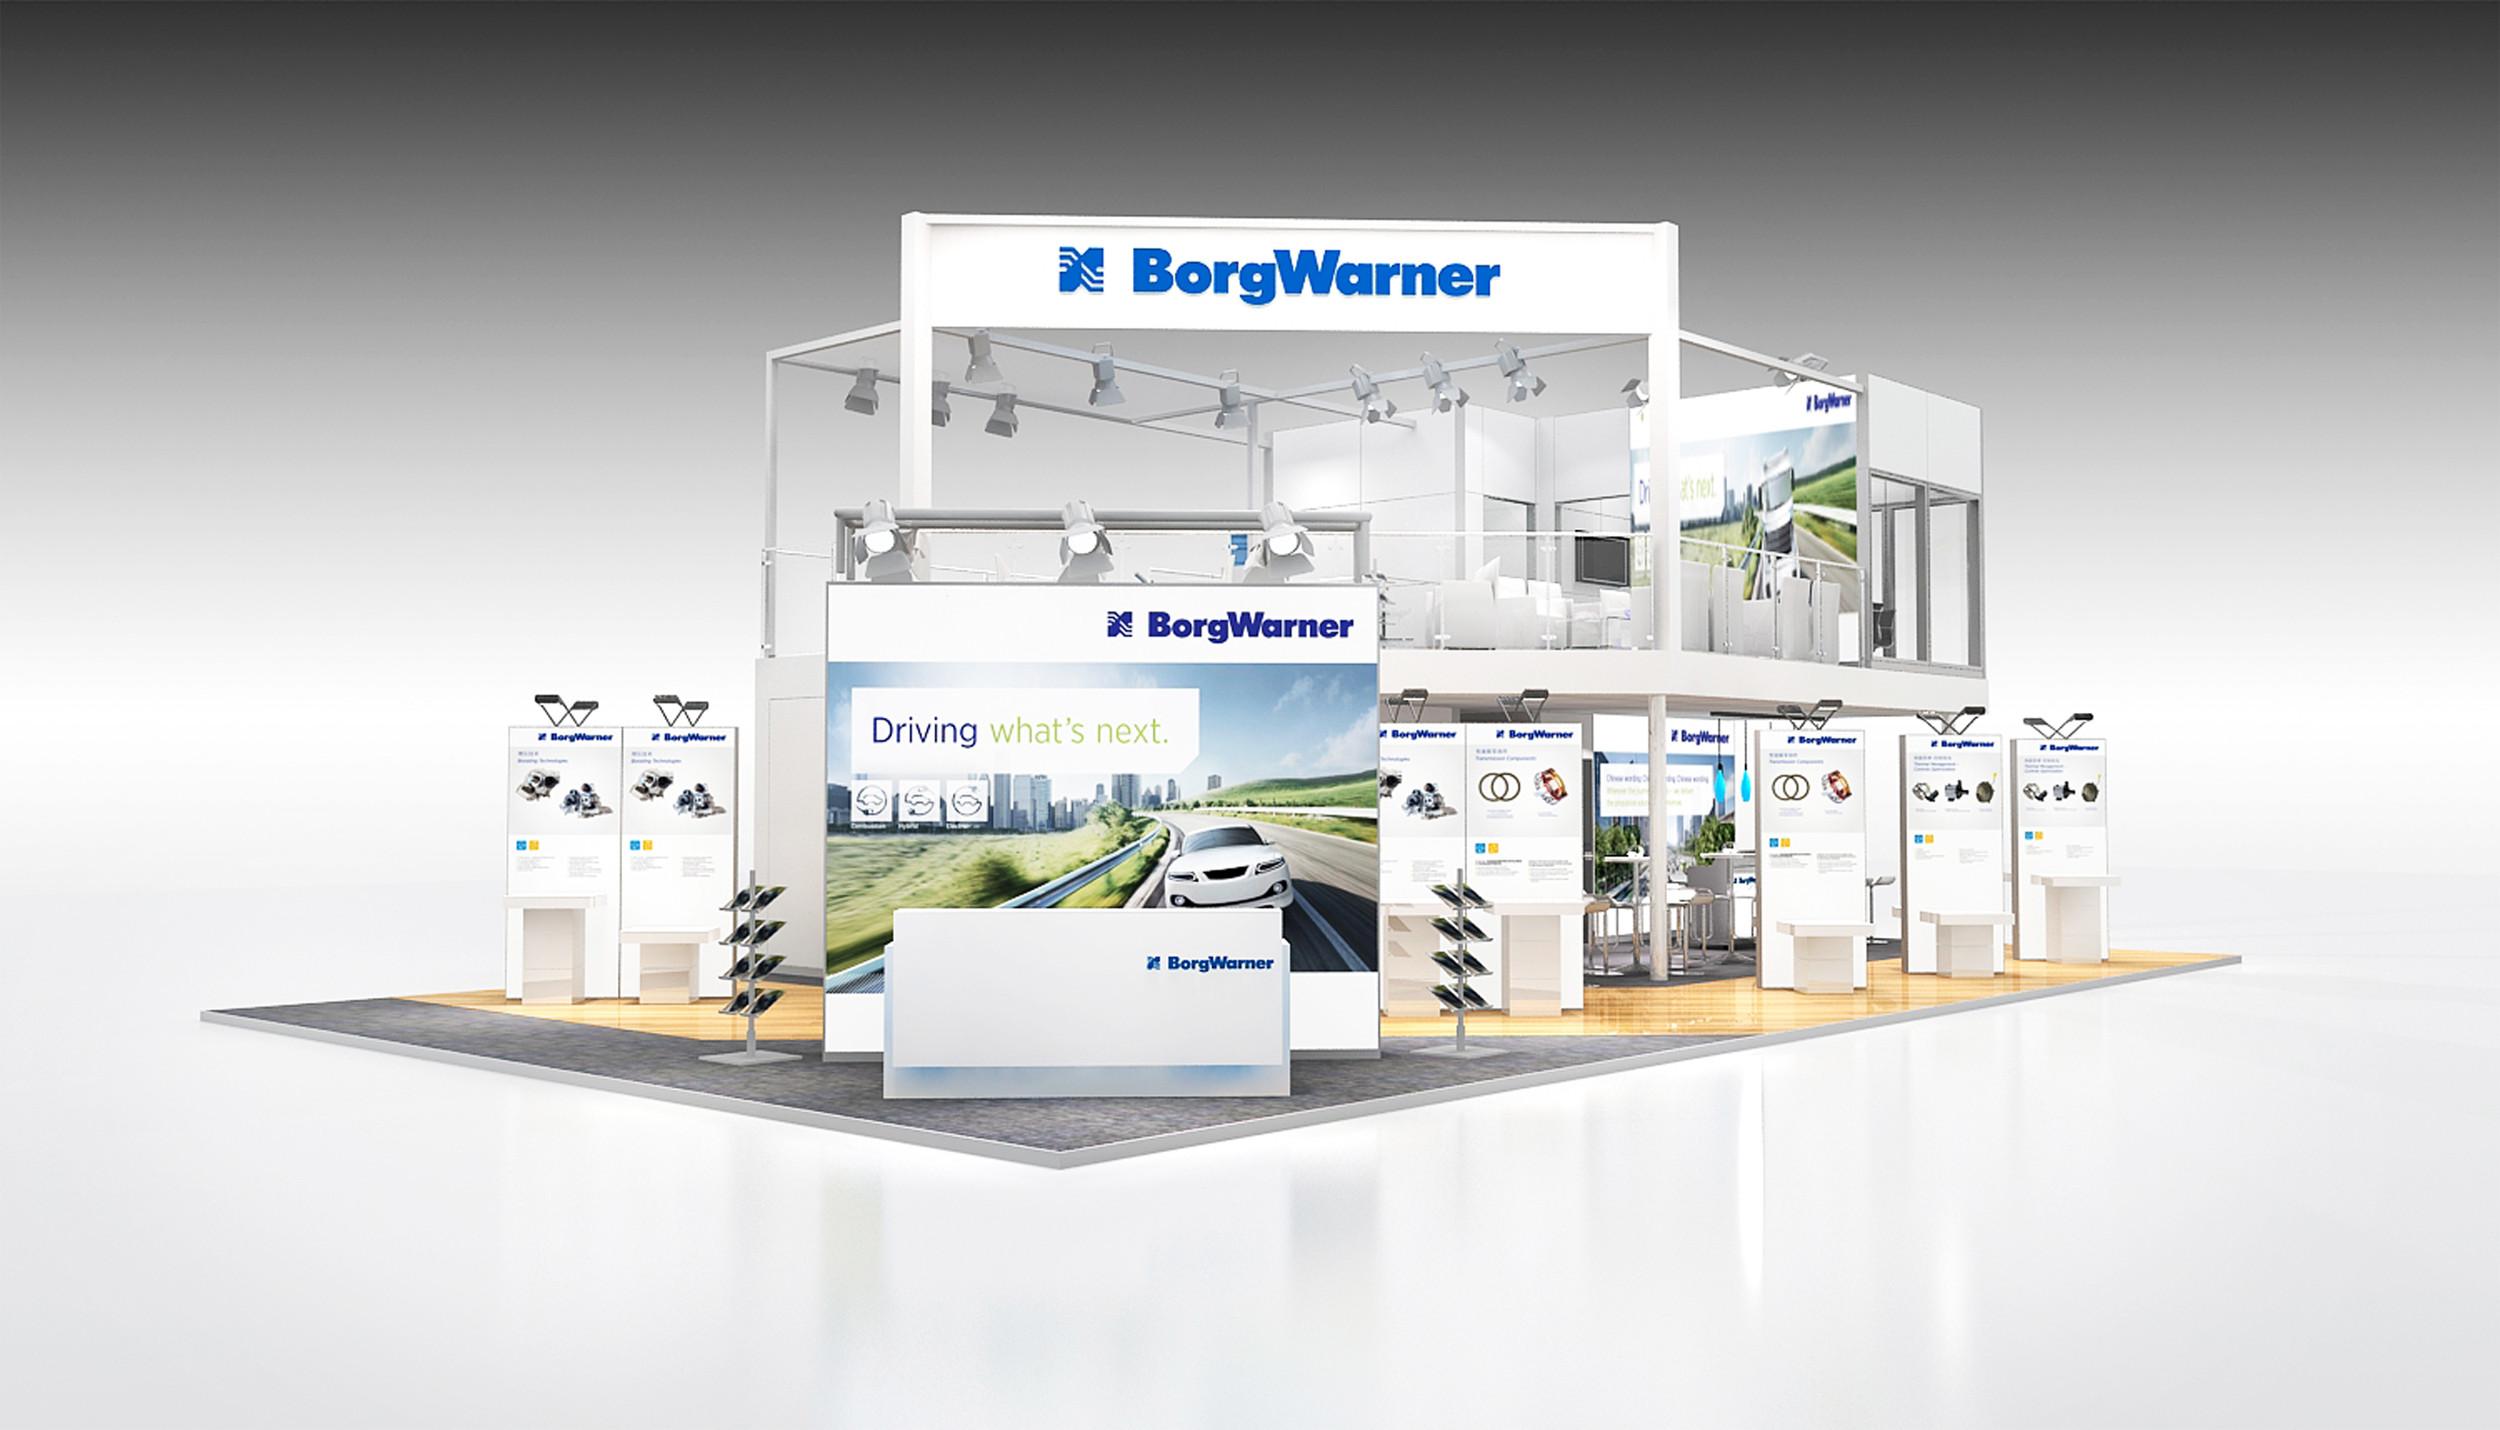 Mit Fokus auf aktuelle Trends des chinesischen Marktes präsentiert BorgWarner auf der Auto Shanghai 2017 sein umfangreiches Portfolio an Lösungen für Fahrzeuge mit Verbrennungsmotor, Hybrid- und Elektroantrieb.  | Freie-Pressemitteilungen.de